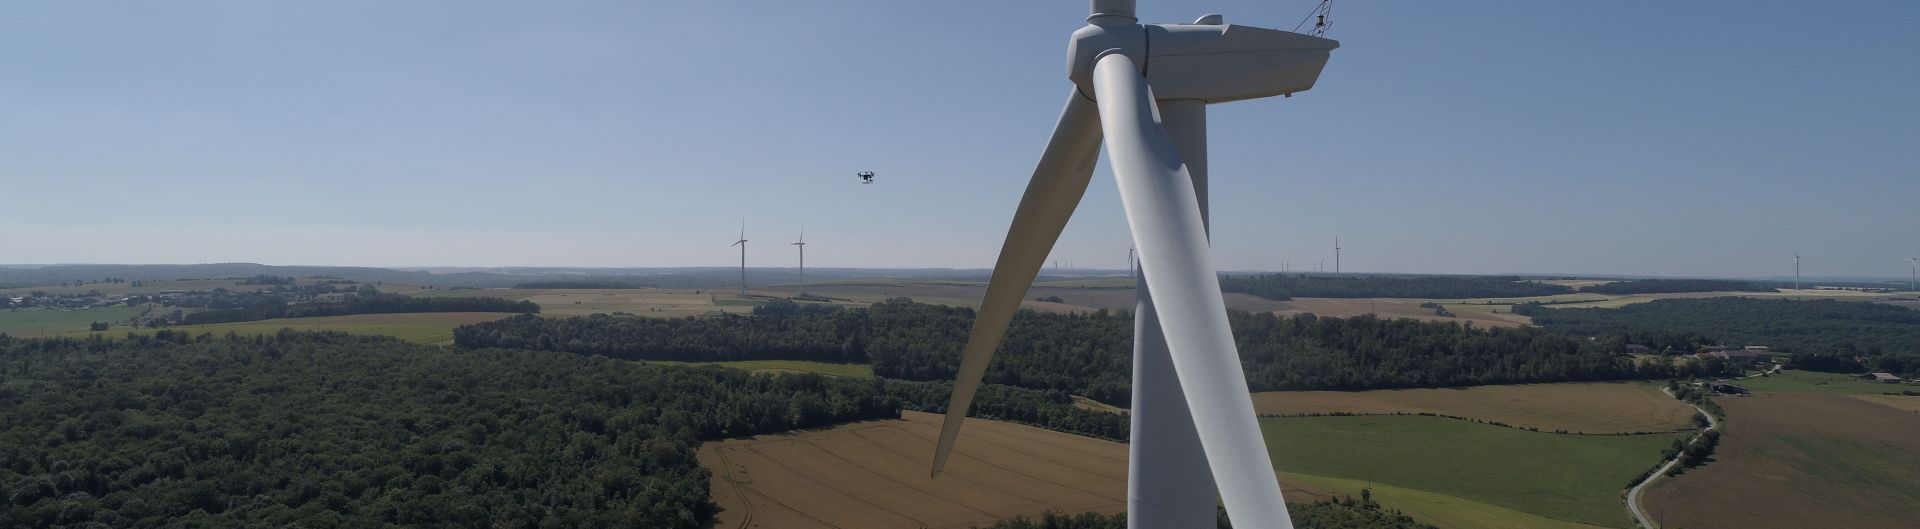 Inspection réseau électrique EDF éolienne